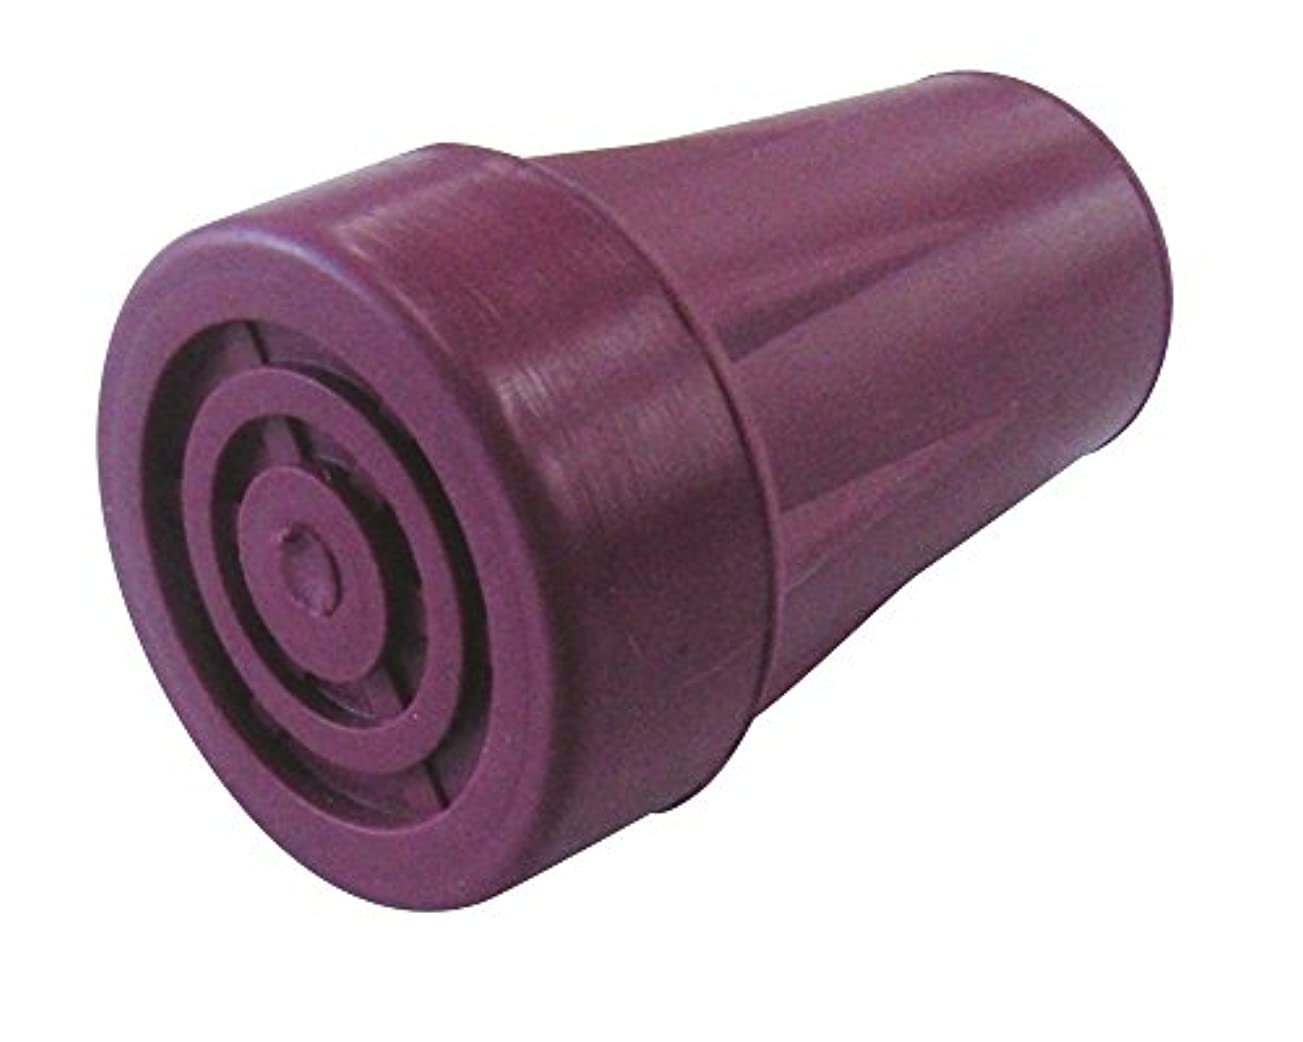 マージ成熟したあなたのものひまわり 杖先ゴム ピンク V09954